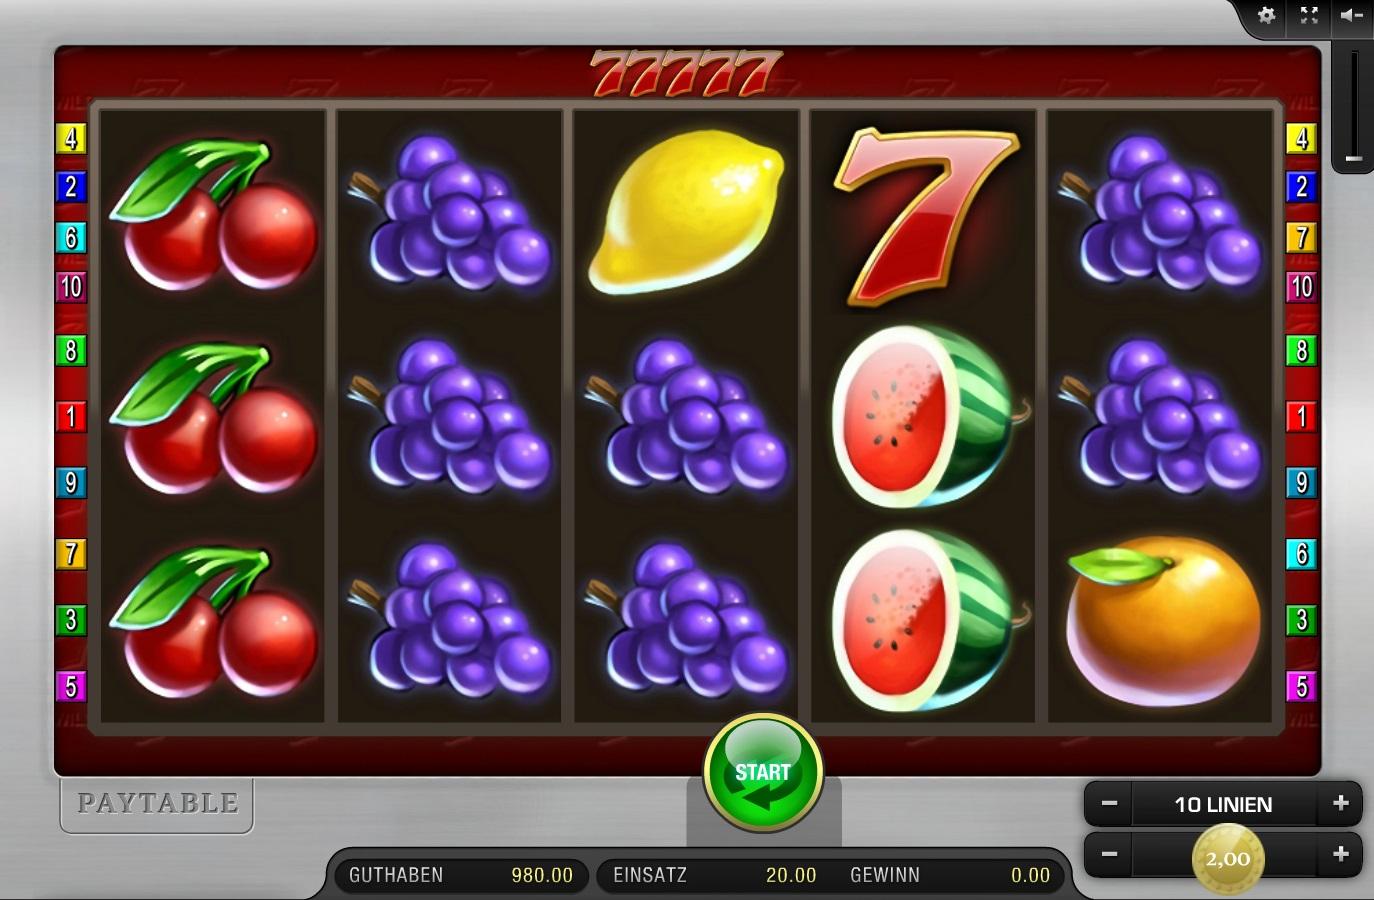 merkur online casino echtgeld umsonst-spielen.de